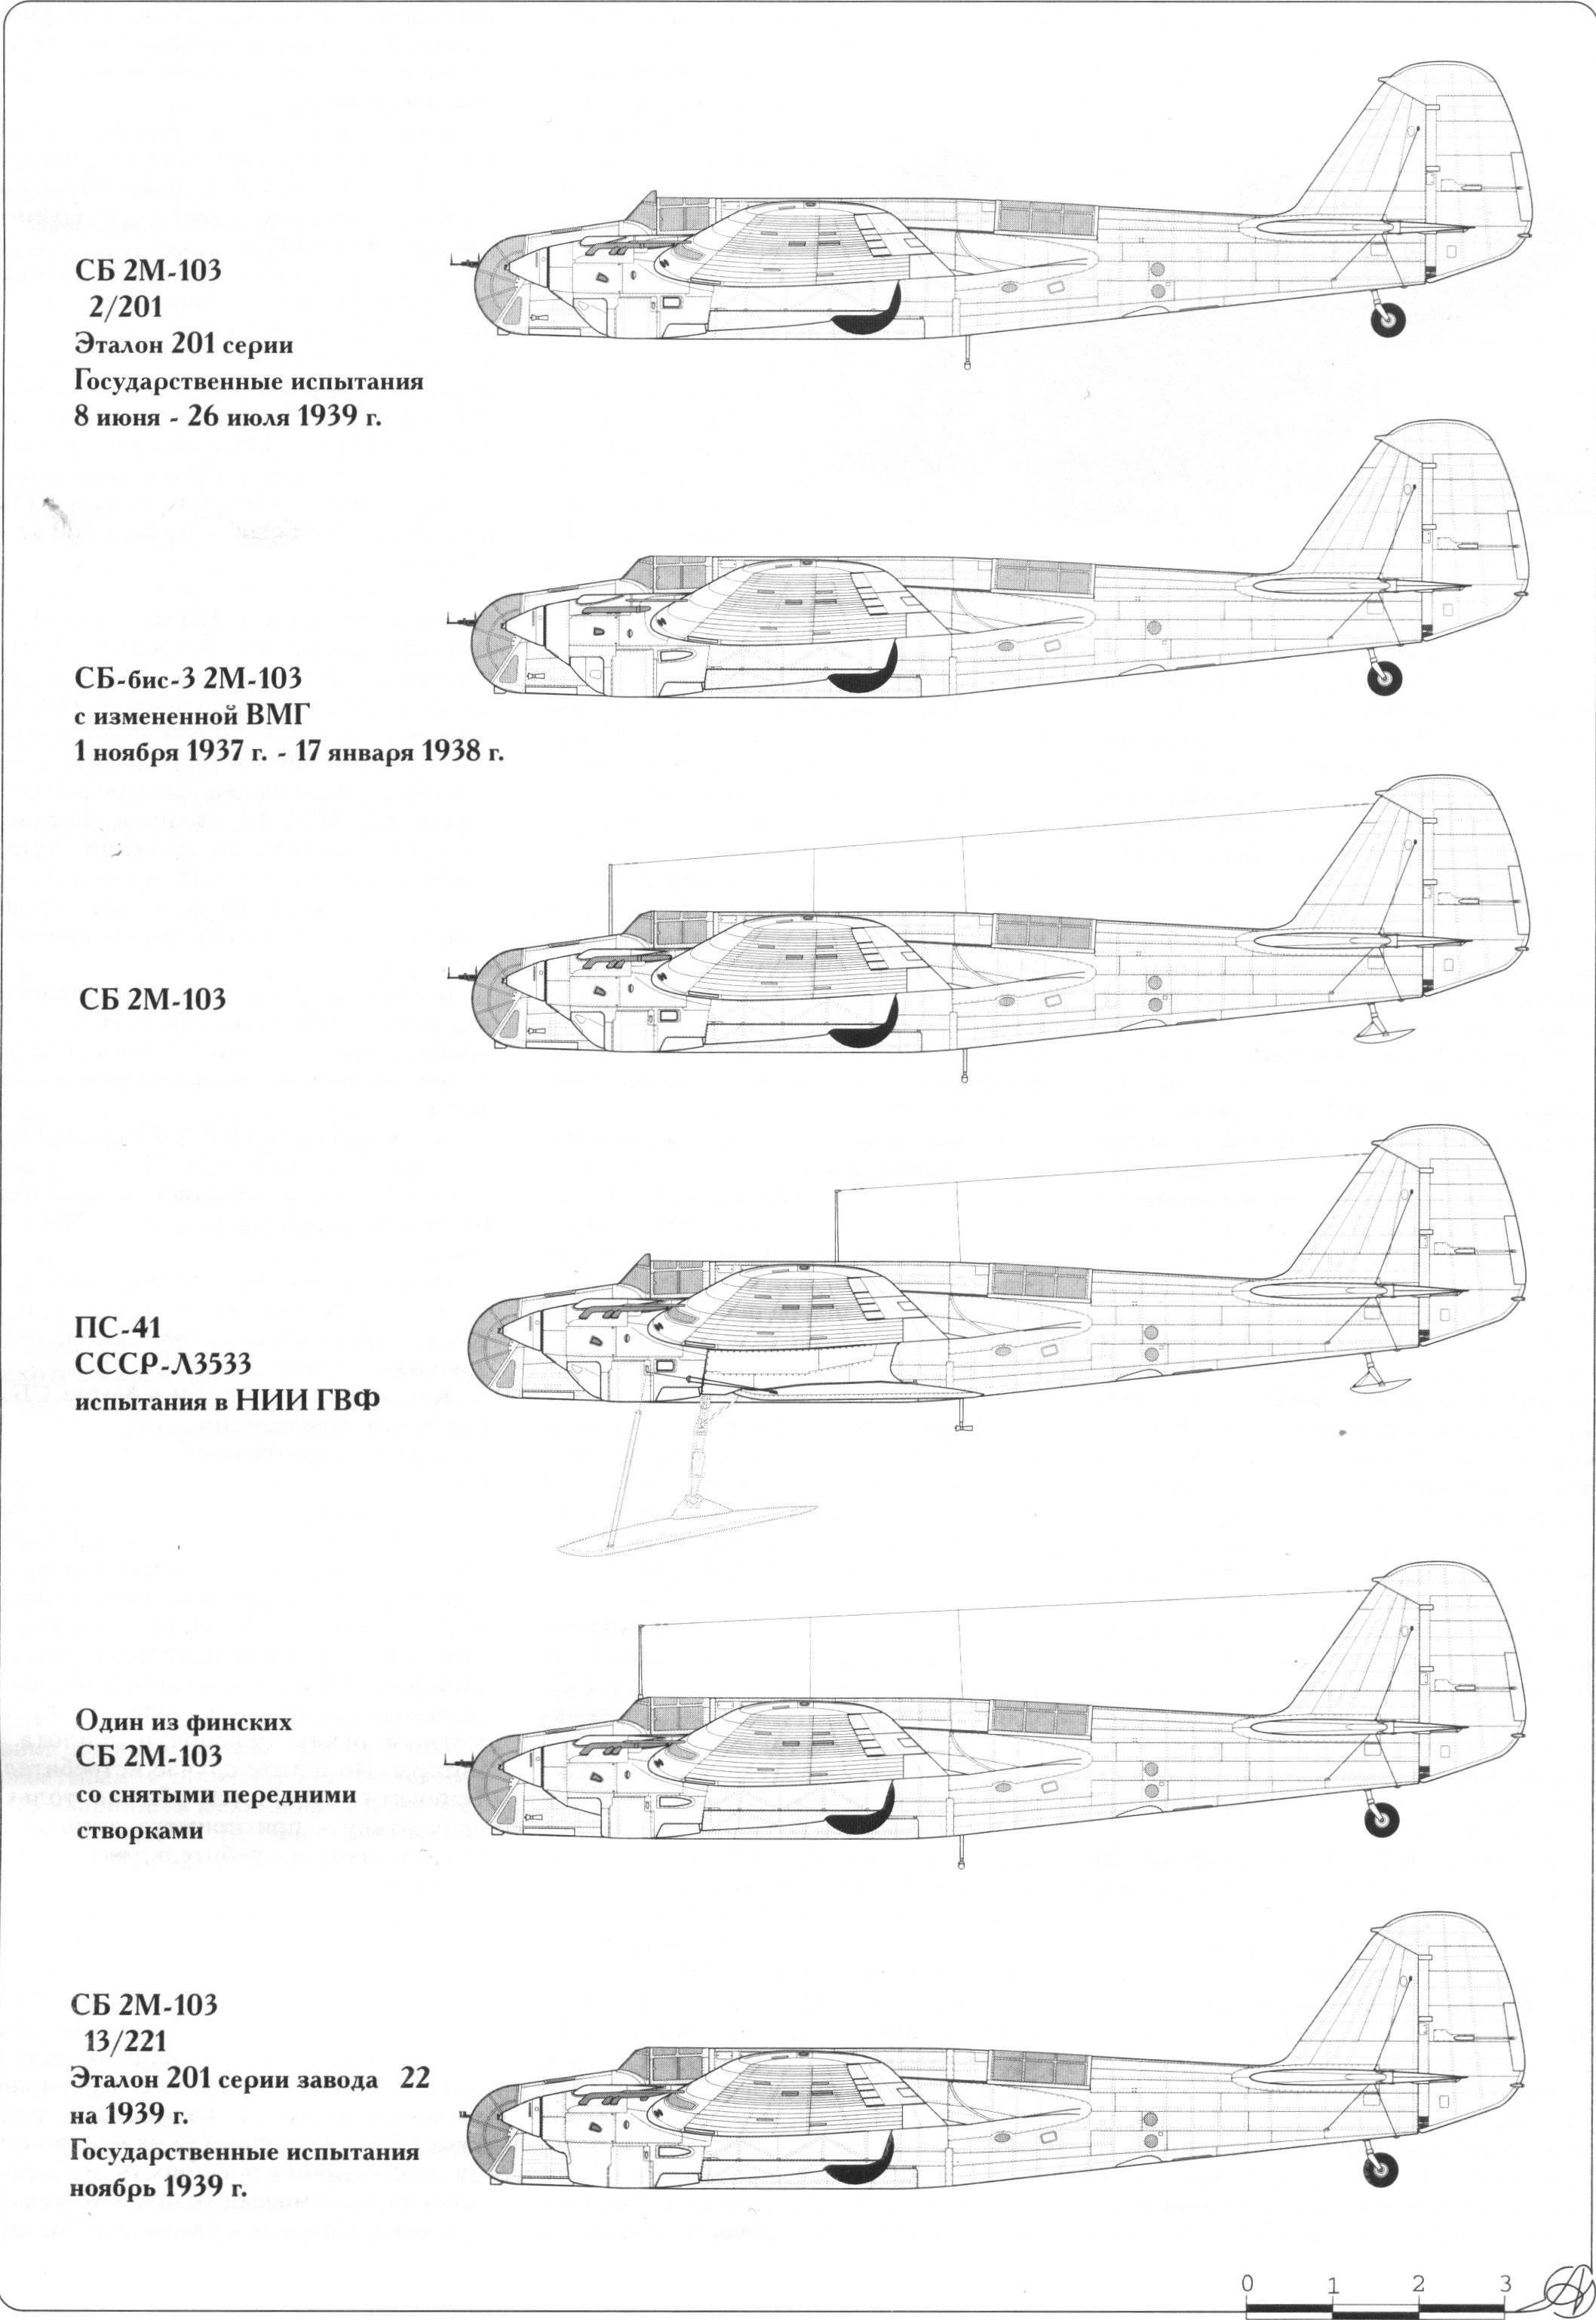 Бомбардировщики сб с моторами м-105